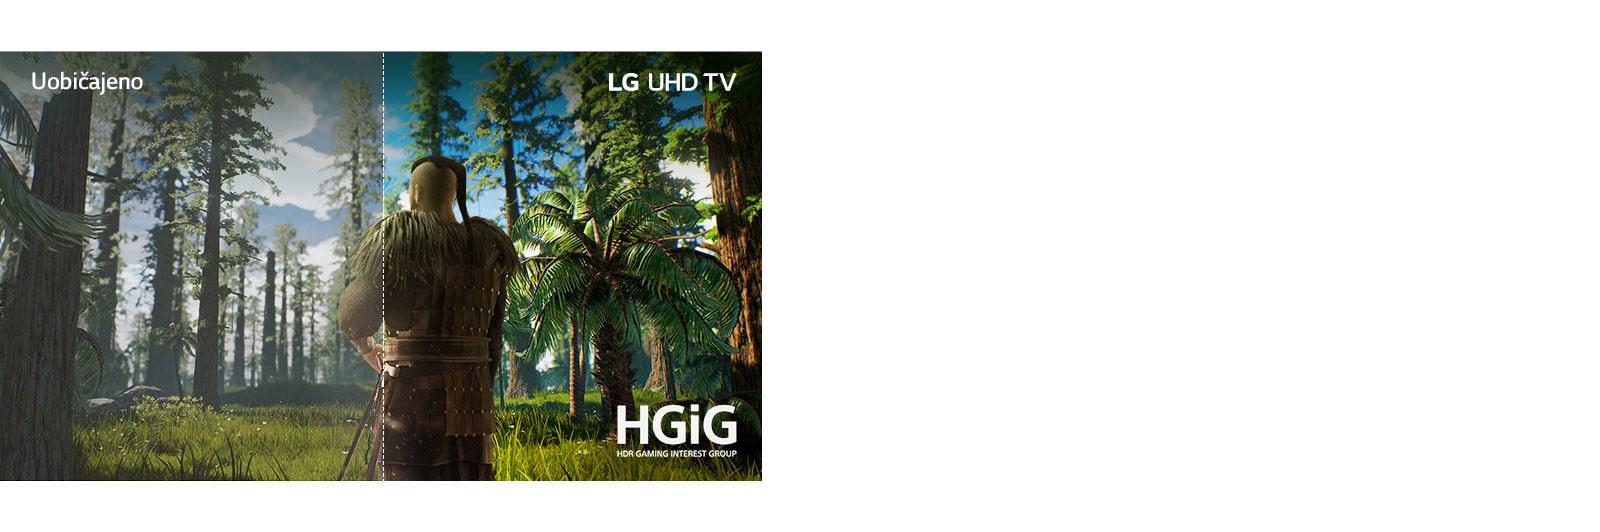 TV zaslon koji prikazuje scenu iz videoigre u kojoj čovjek stoji u sredini šume. Jedna polovica prikazana je na uobičajenom zaslonu slabe kvalitete slike. Druga polovica prikazana je na televizoru LG UHD bistre i raskošne kvalitete slike.